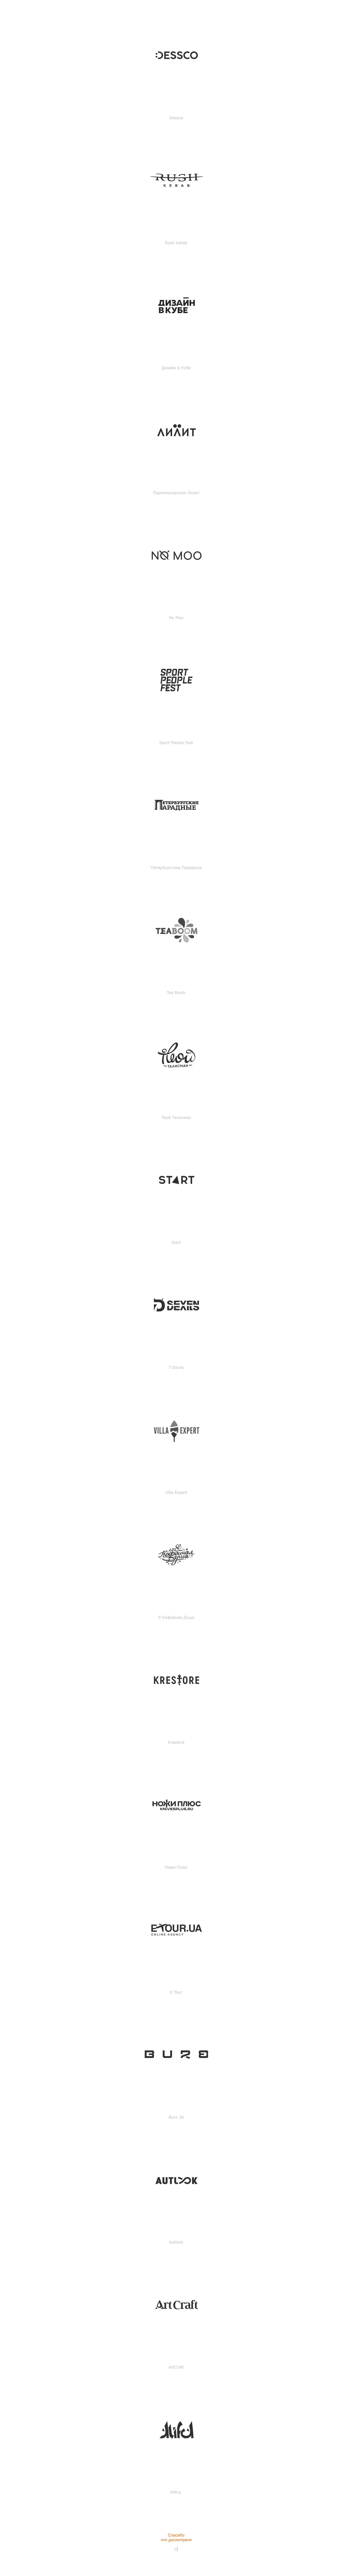 Шрифтовые логотипы